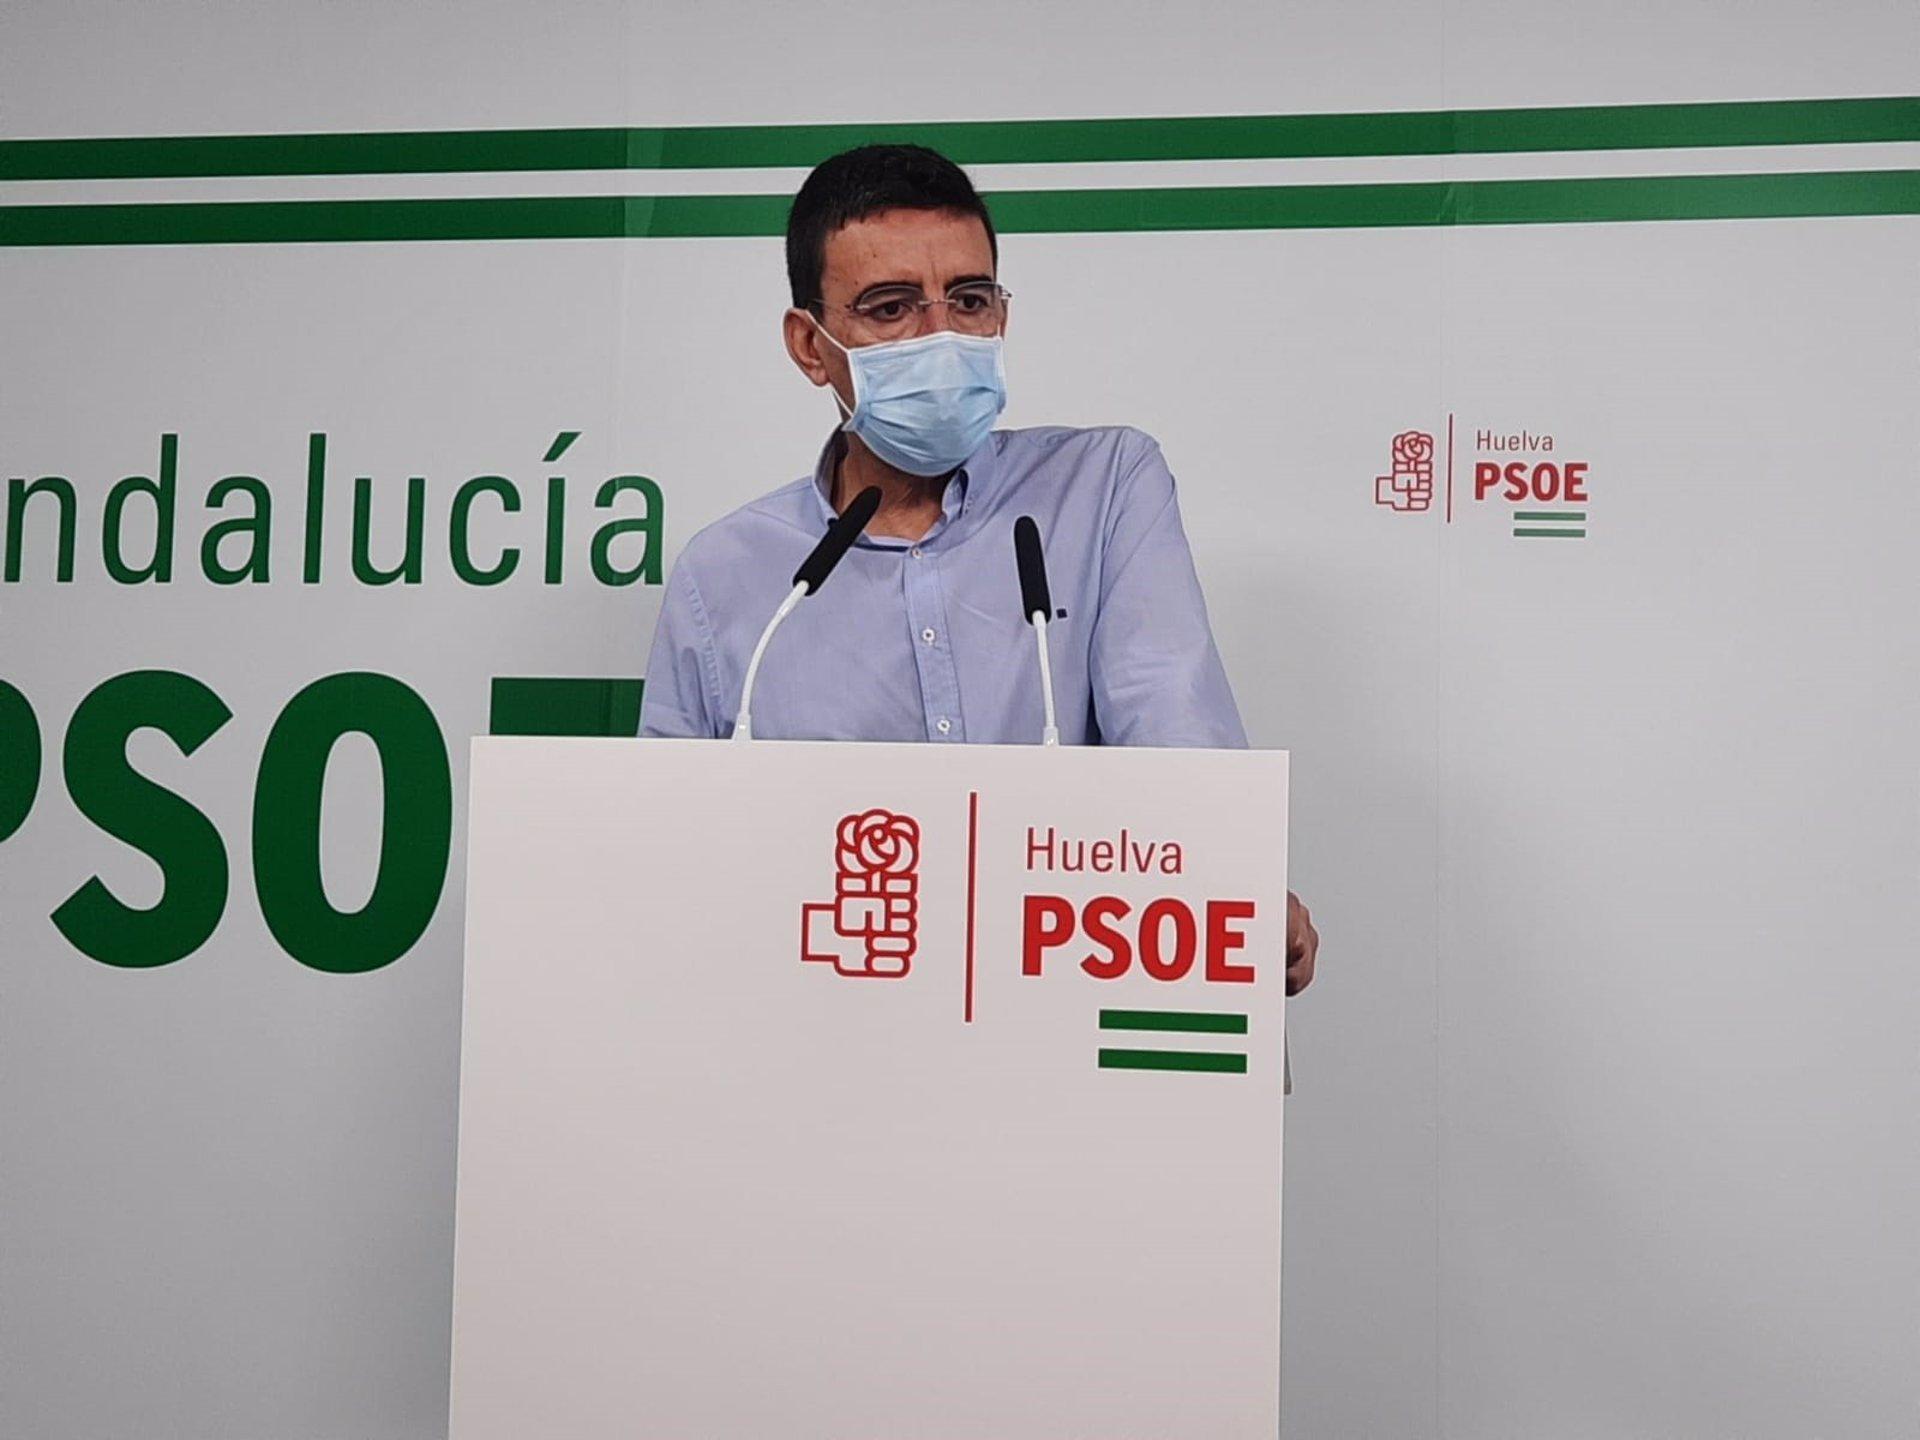 PSOE-A urge a Junta a aclarar ya si Moreno va a recibir «pronto» a Espadas en busca de un «gran acuerdo» para Andalucía